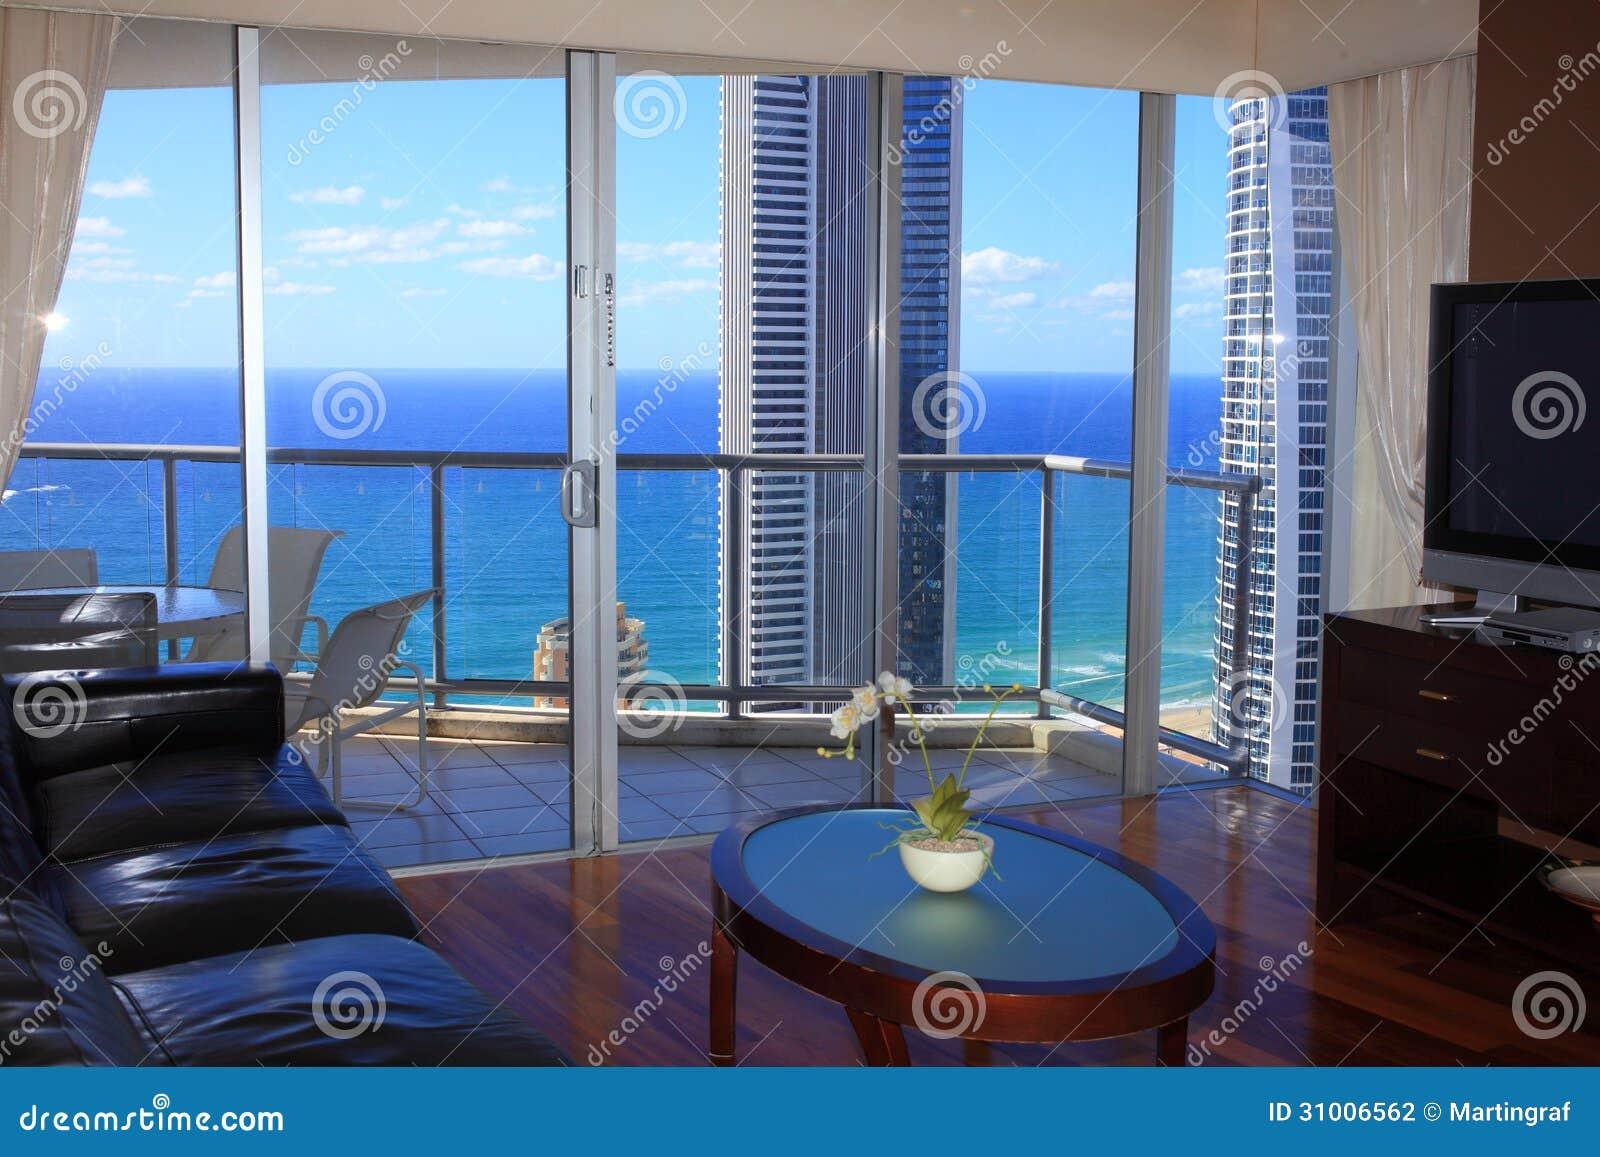 Salon de luxe avec la vue d 39 oc an photographie stock image 31006562 for Un salon de luxe